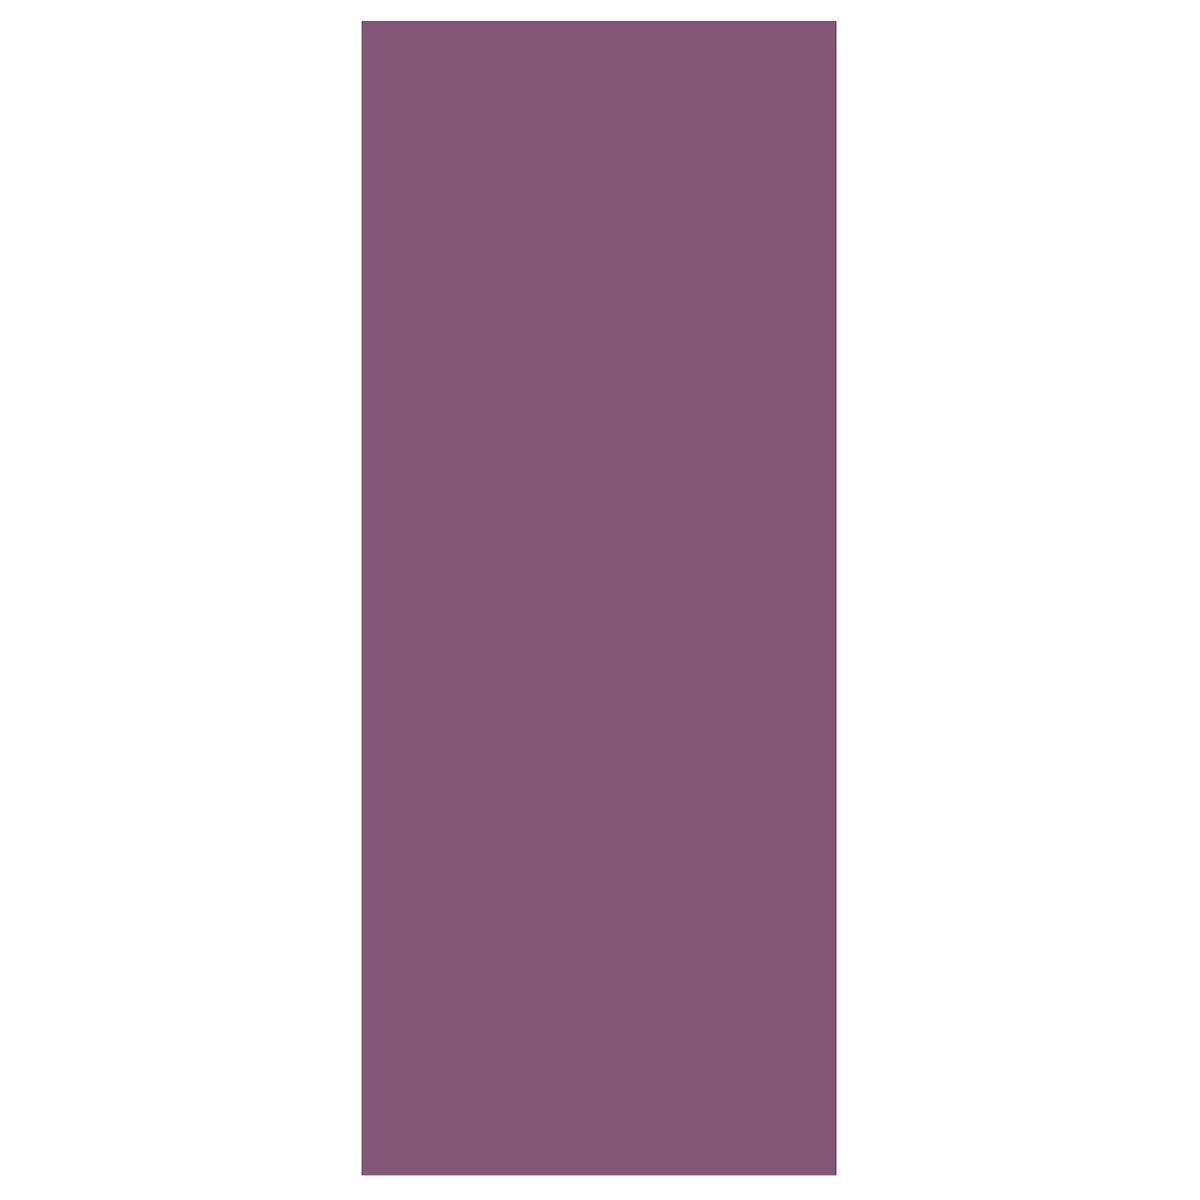 Дверь для шкафа Delinia «Слива» 30x70 см МДФ цвет сиреневый